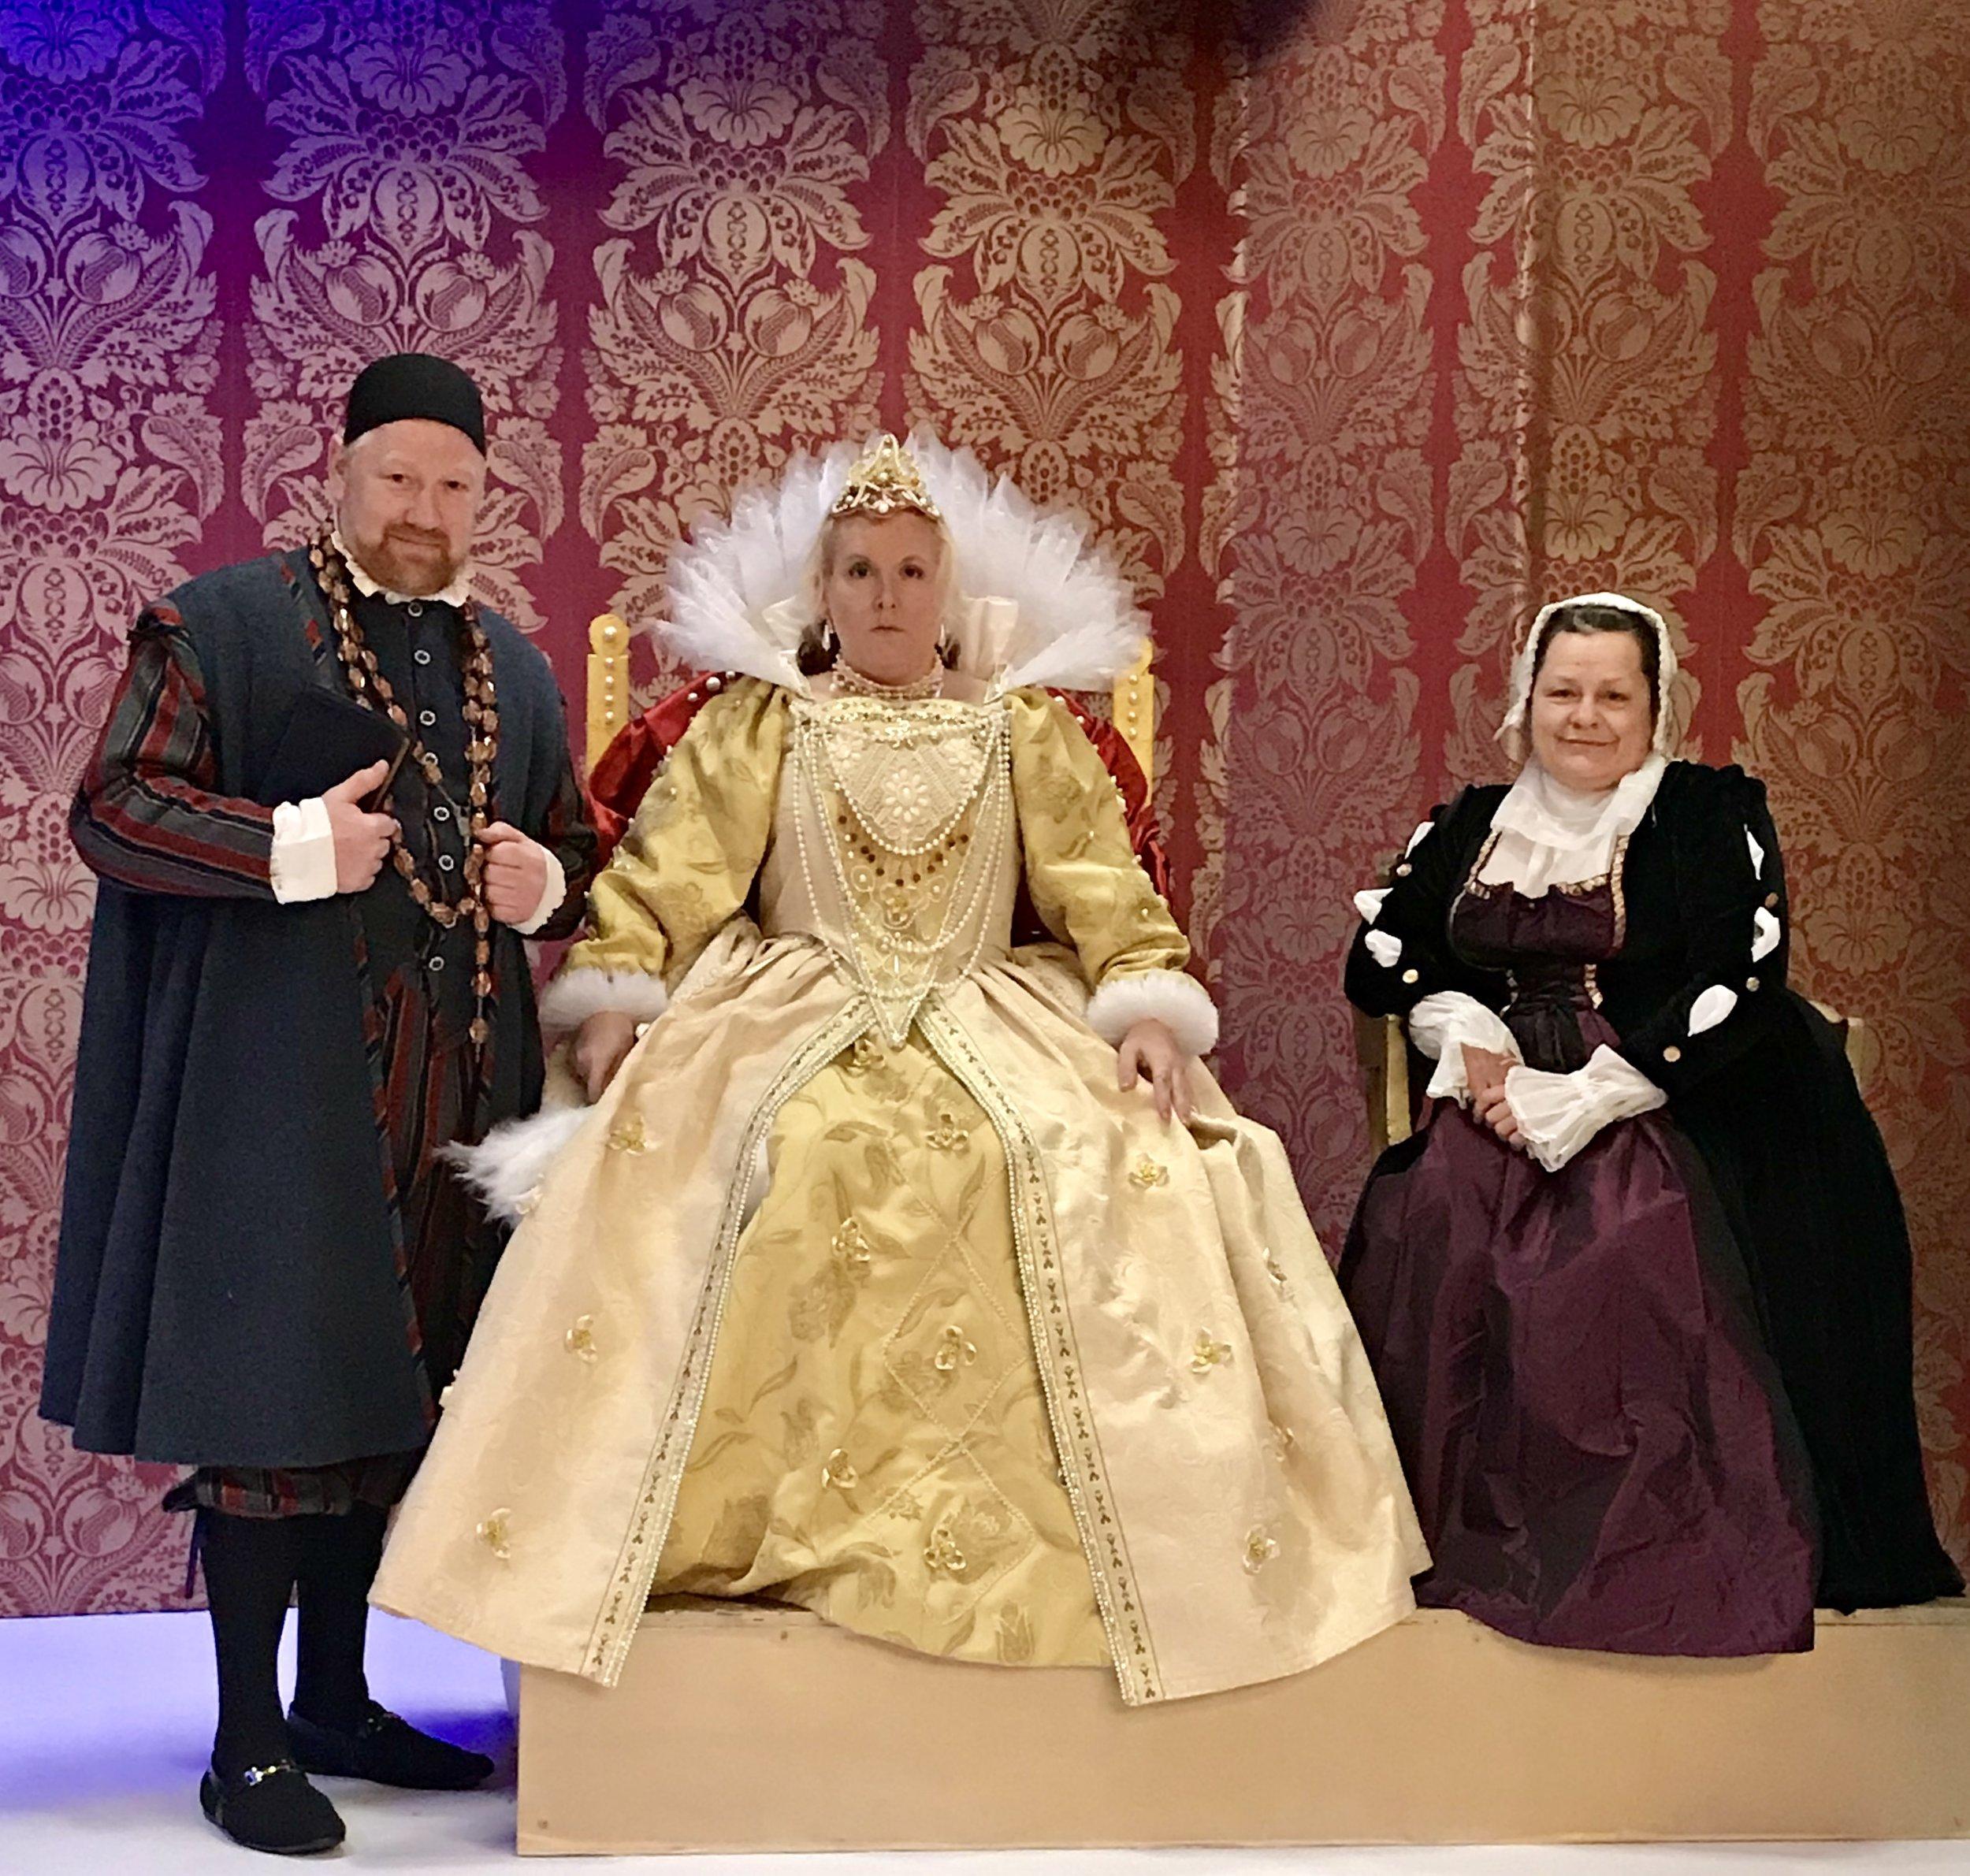 A show fit for a Queen - Blackadder II